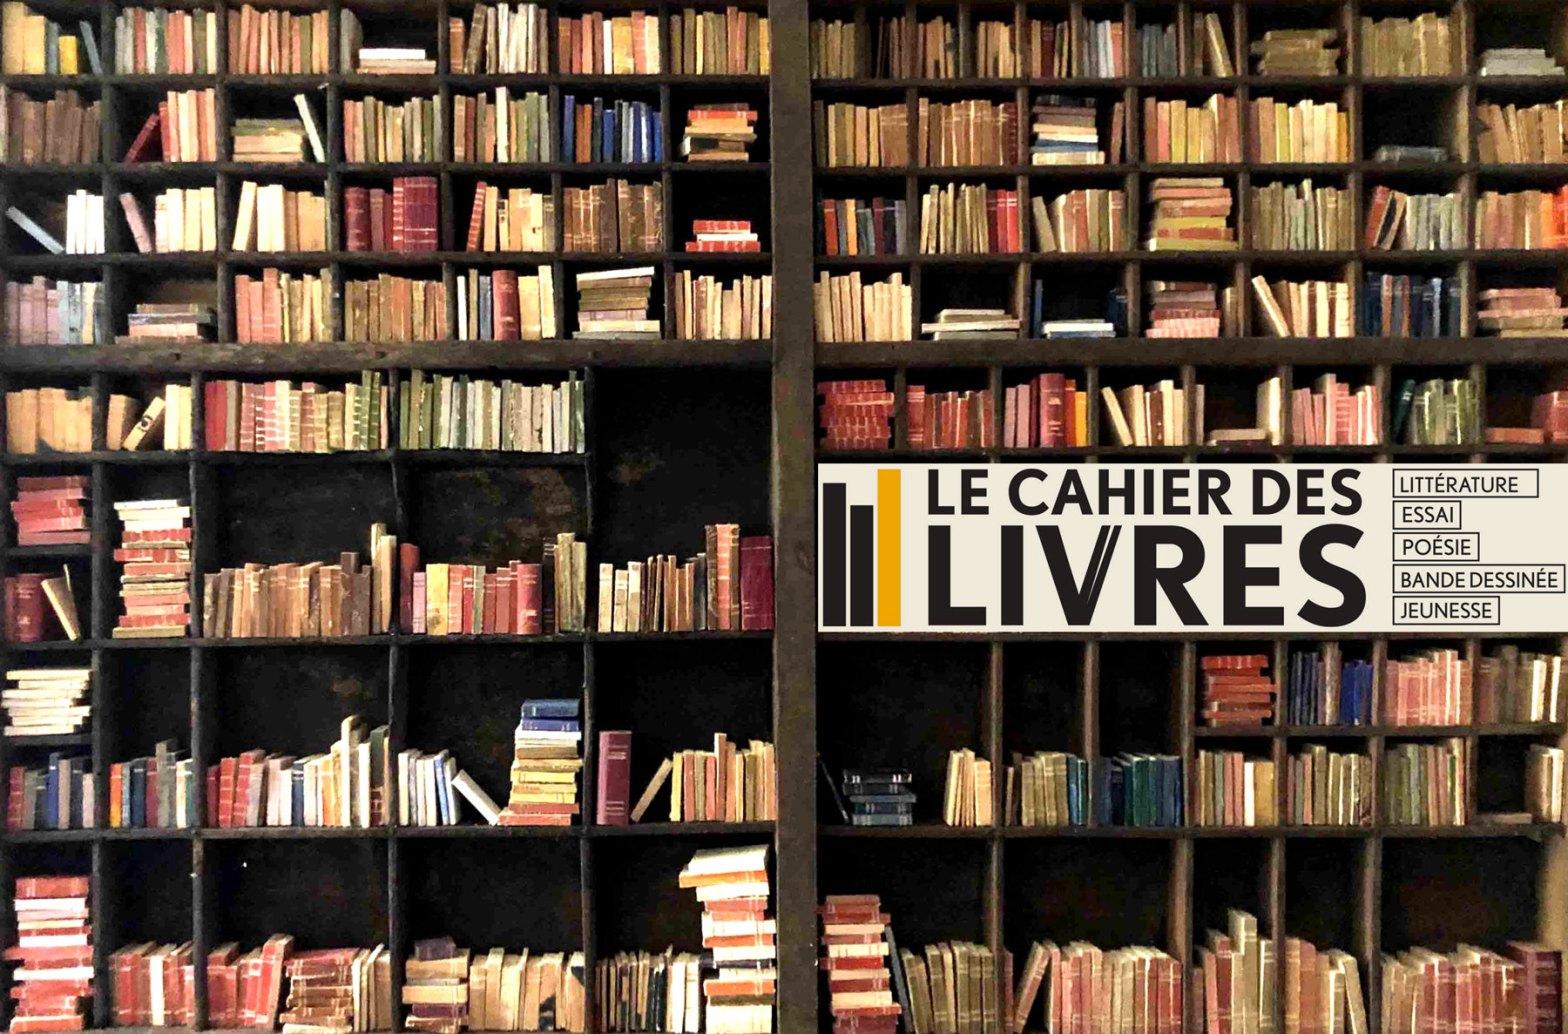 Quelle chouette bibliothèque